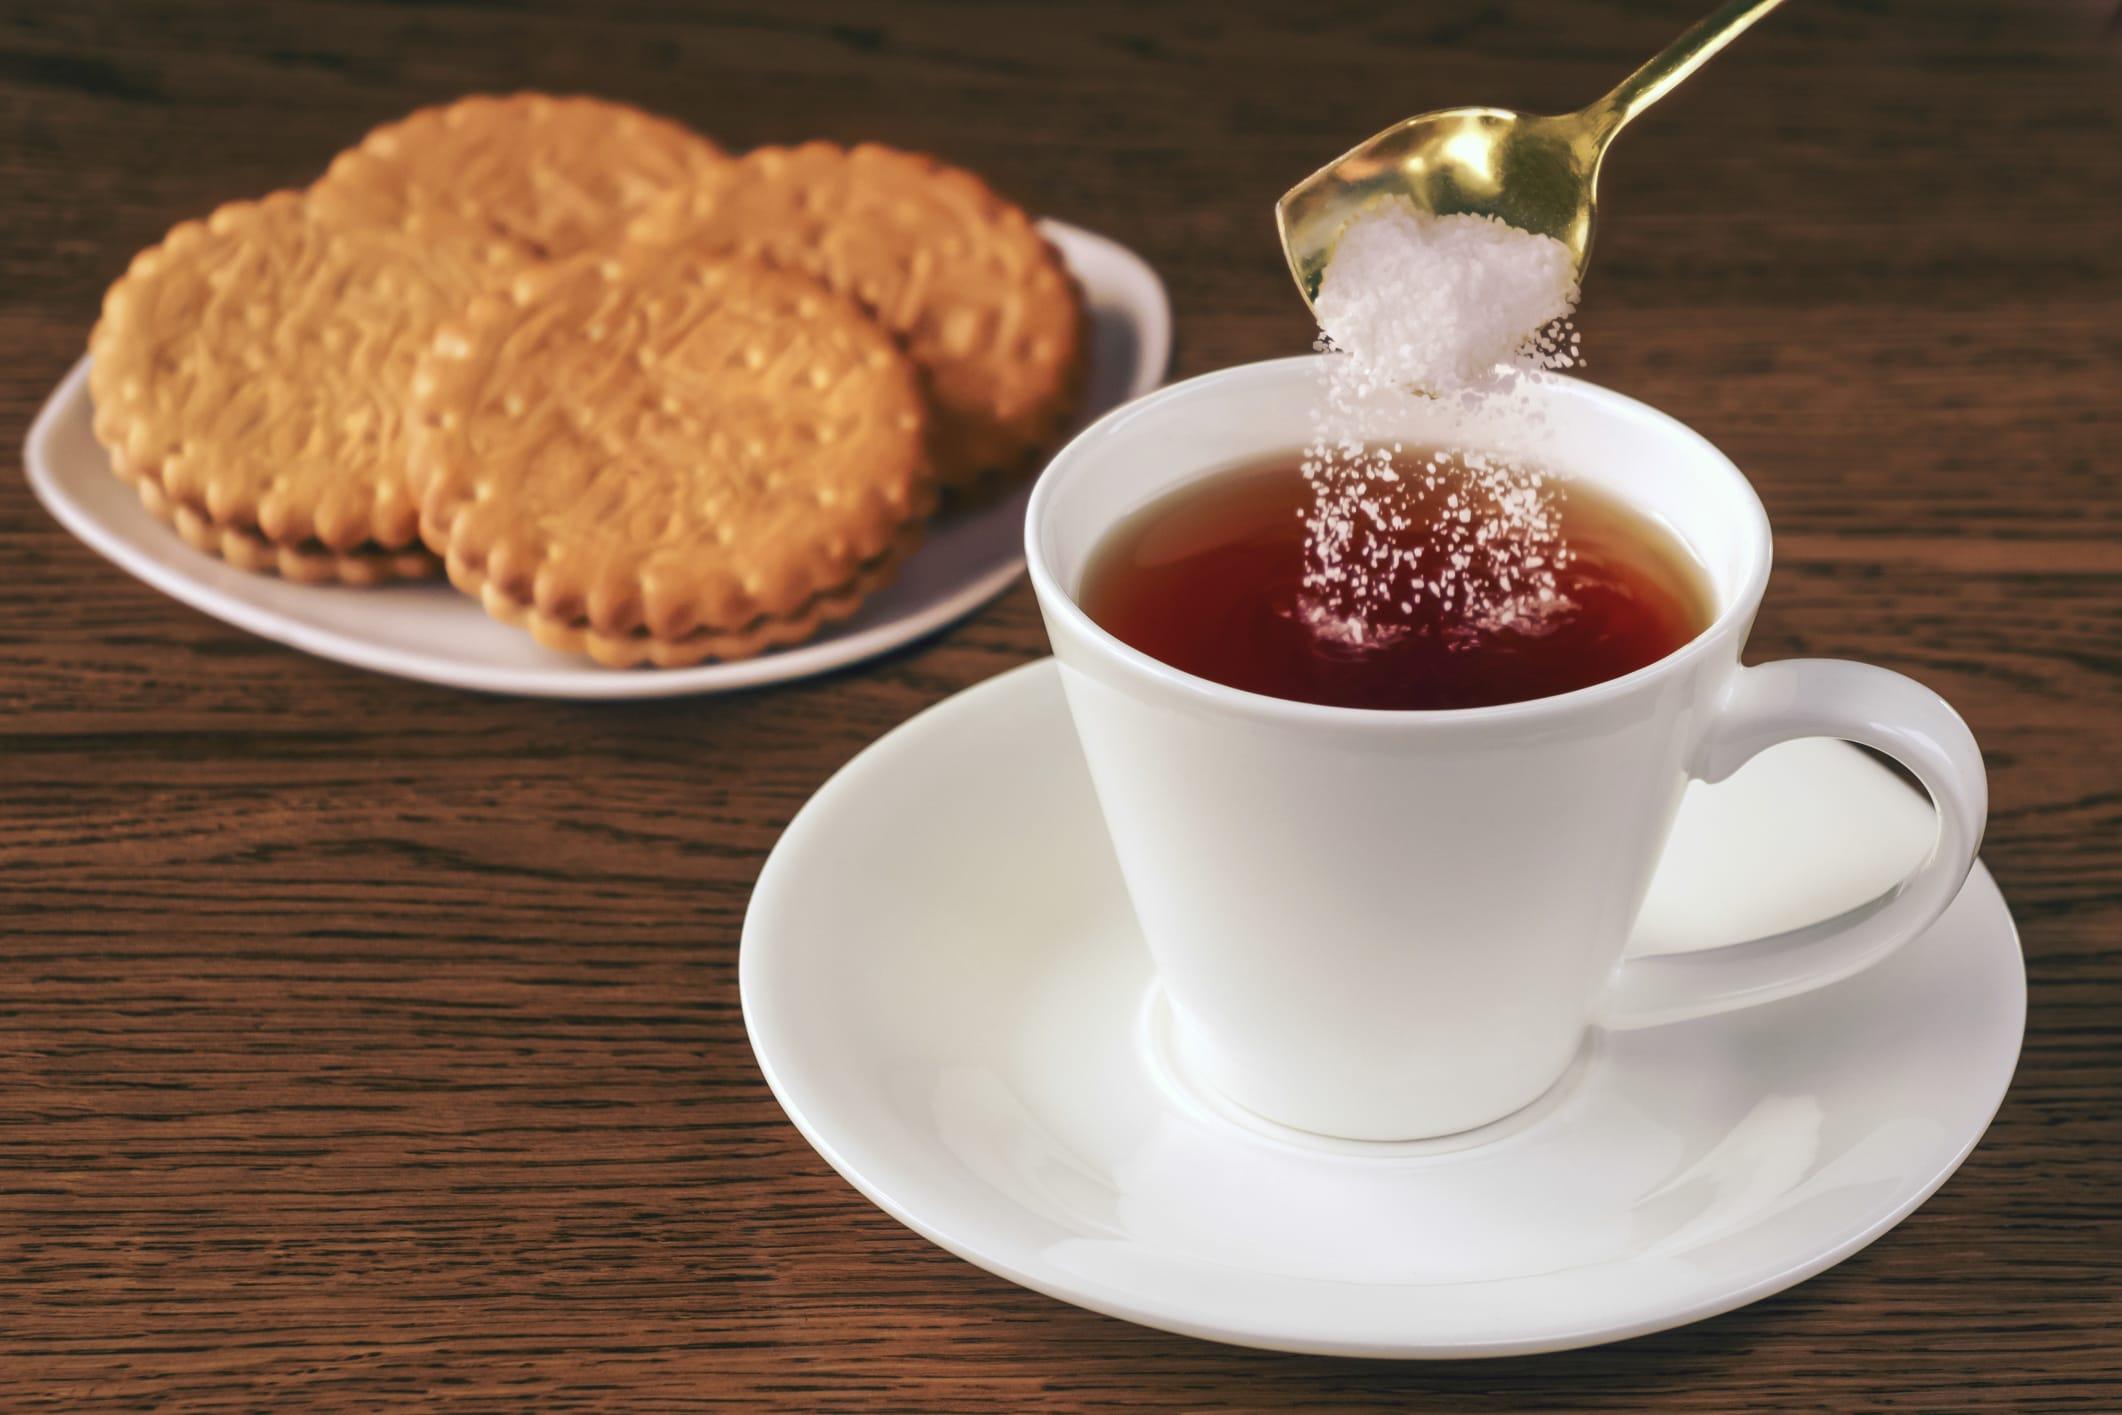 Consumo eccessivo di zucchero, danni per la salute e sprechi